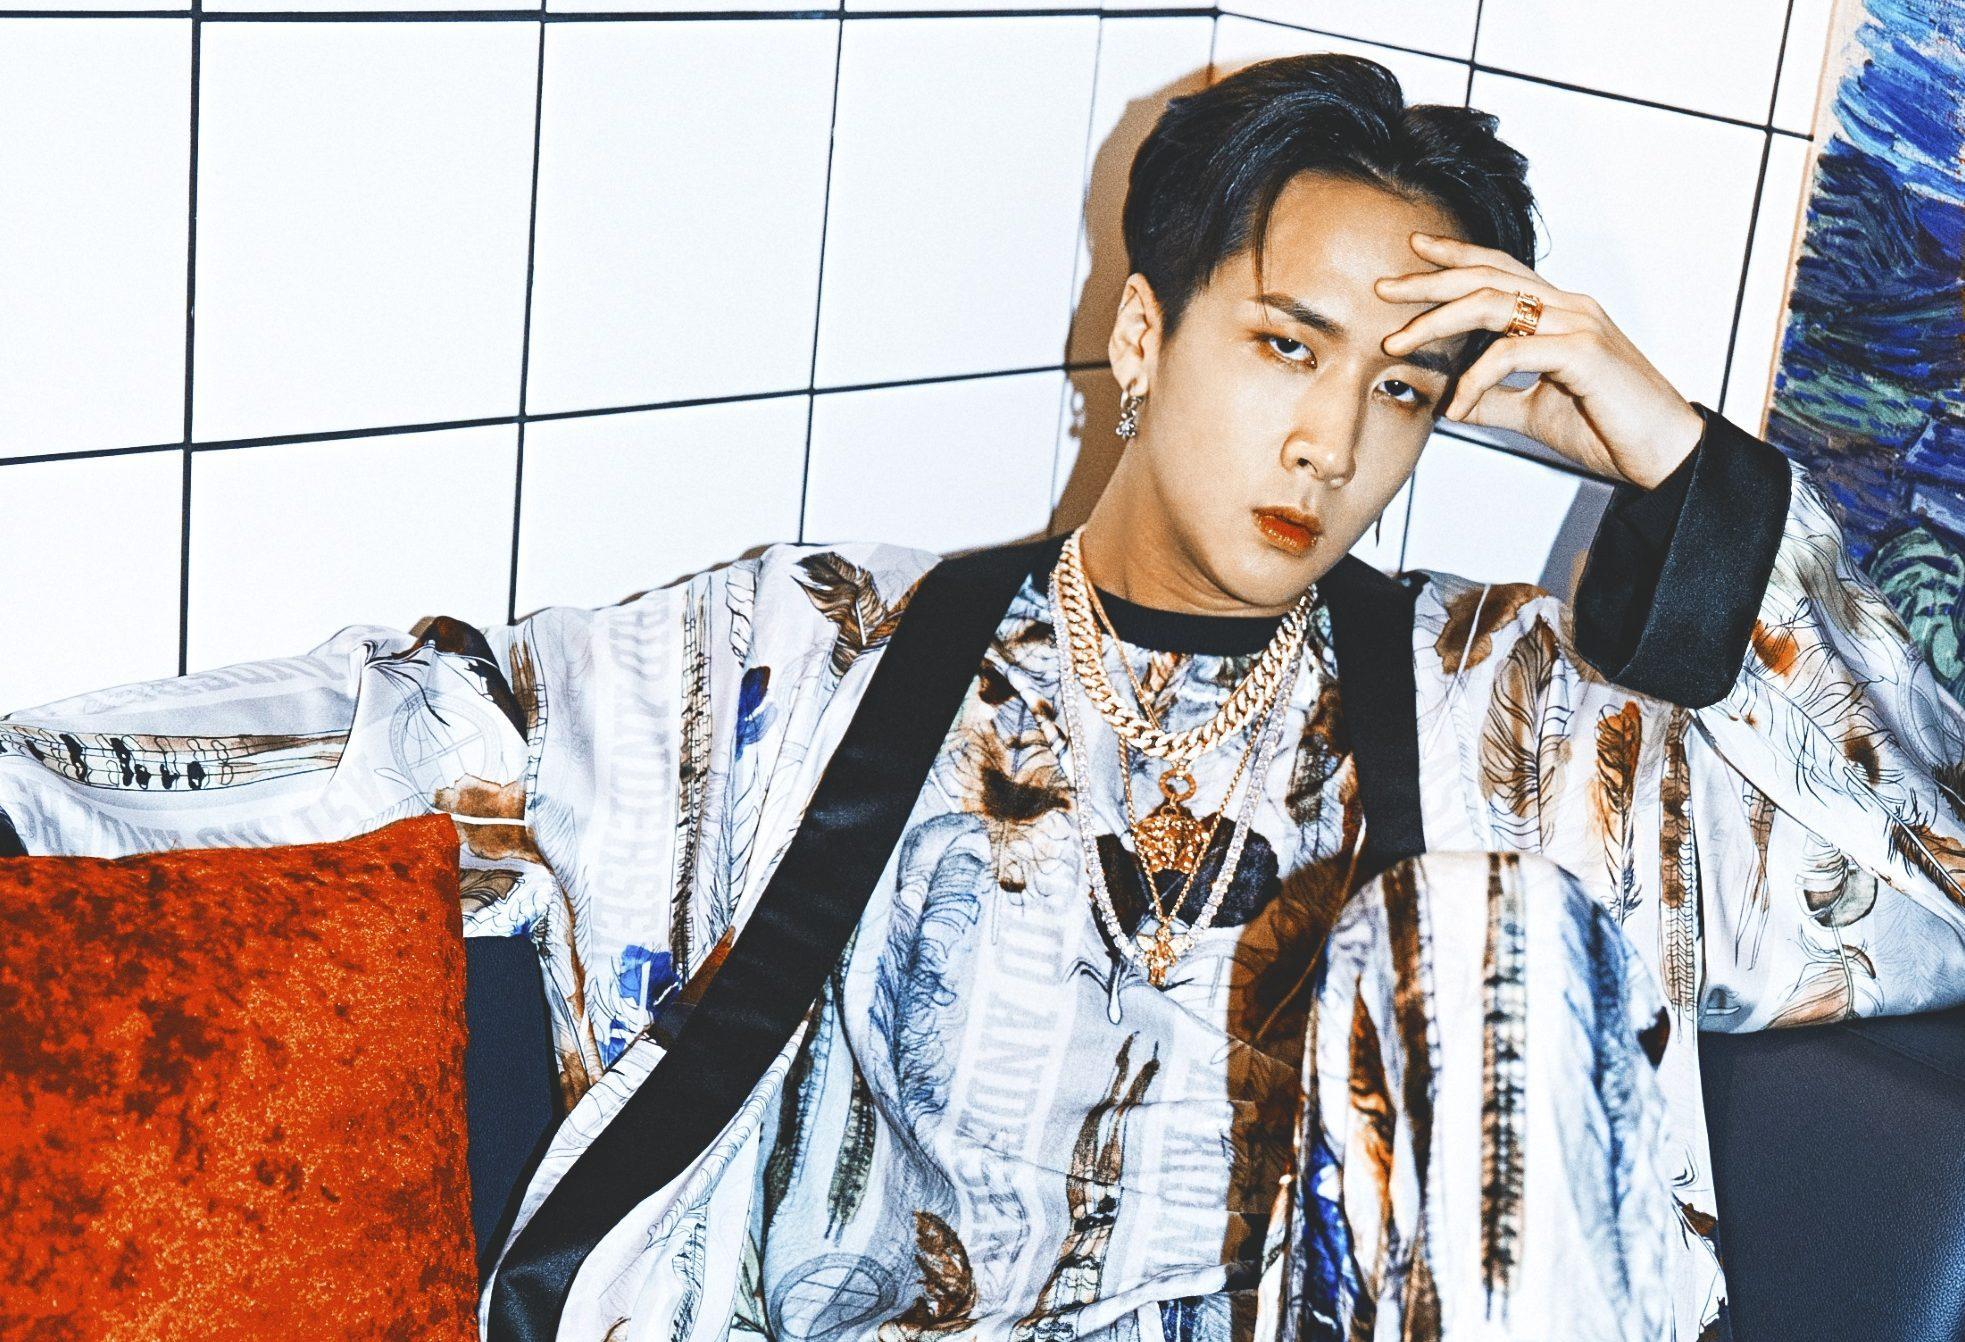 VIXX's Ravi Byeol Korea